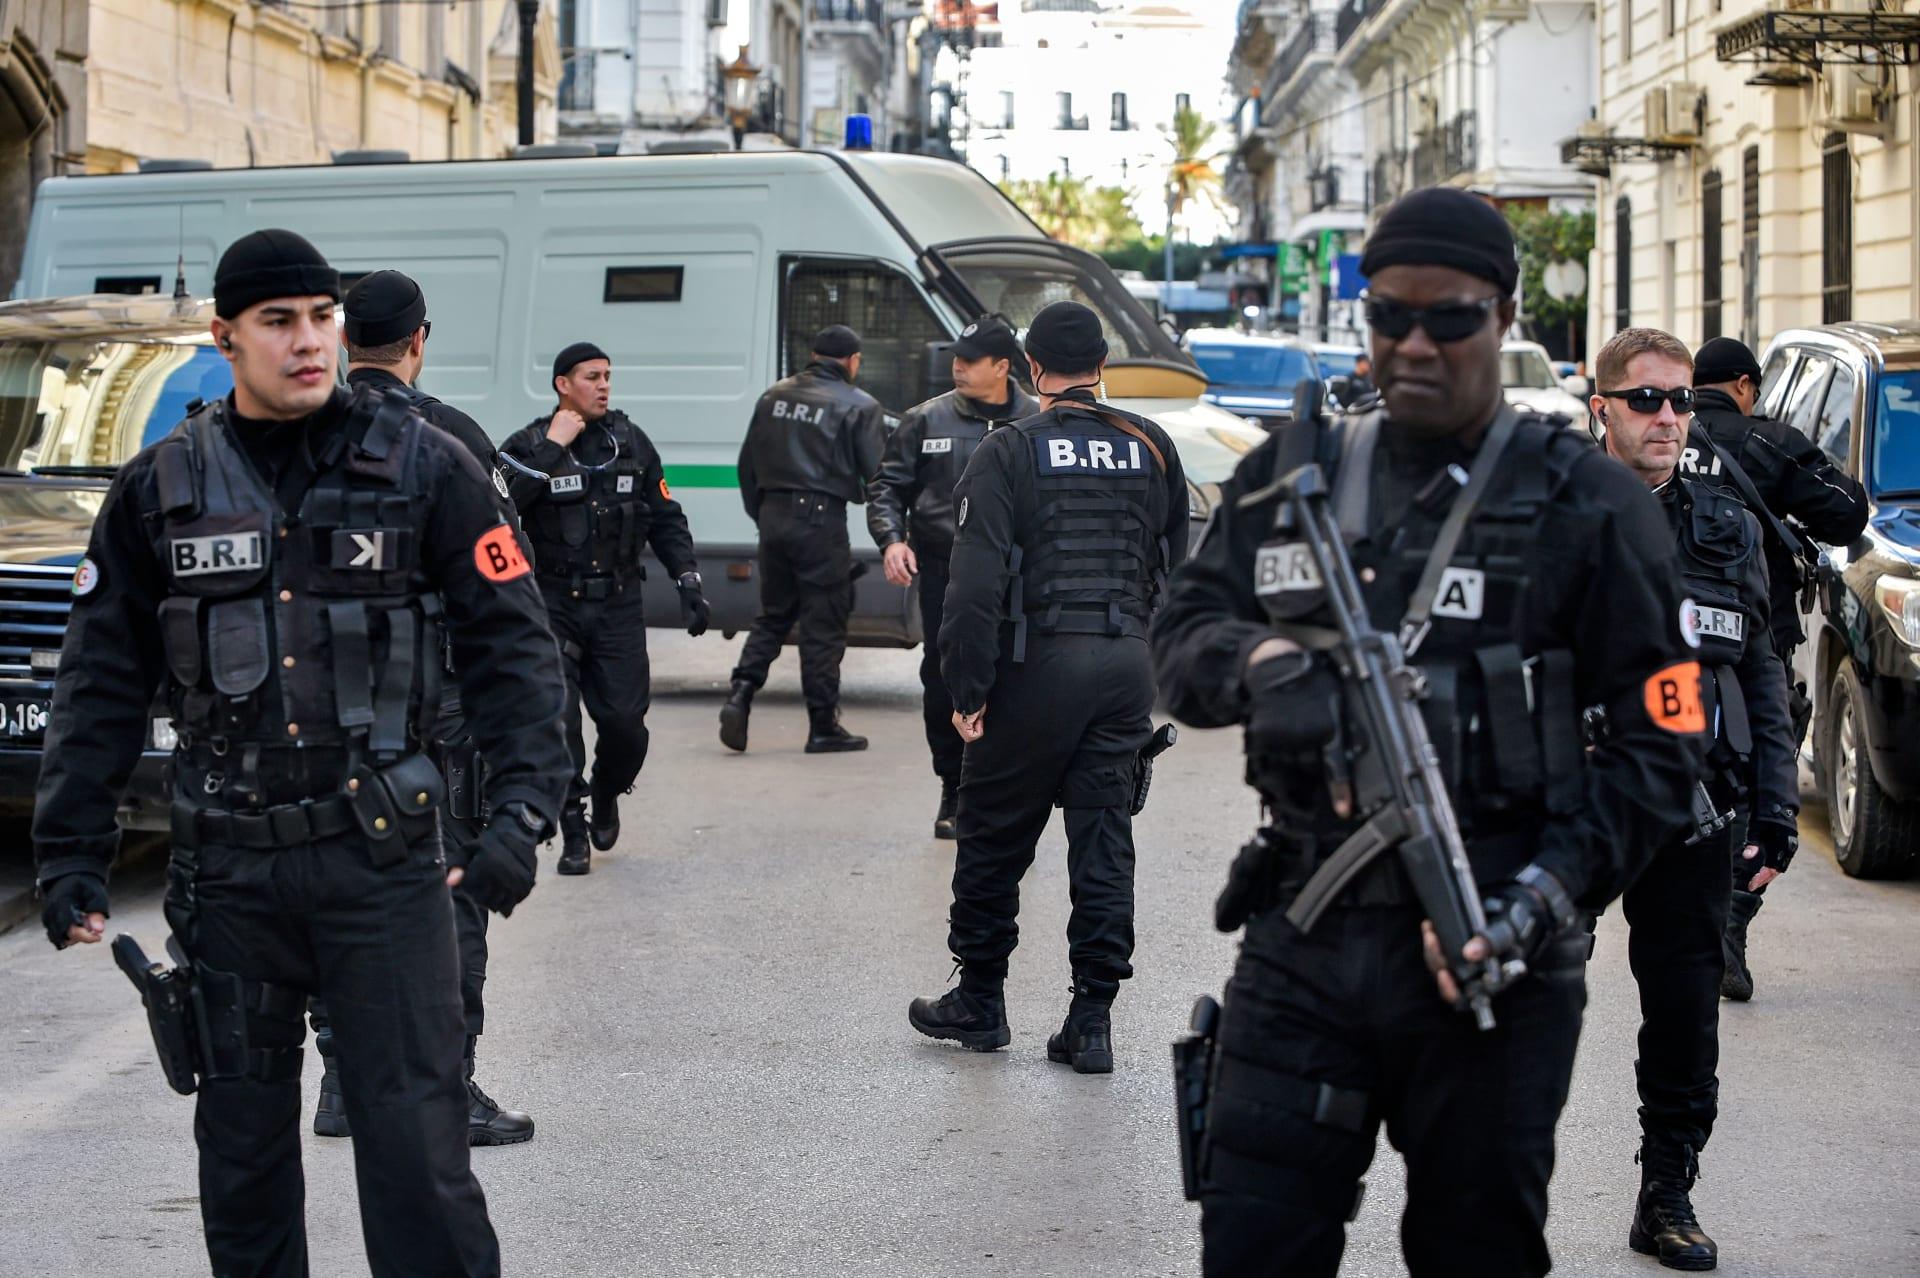 قوات الأمن الجزائرية في إحدى جلسات محاكمة عدد من رموز نظام الرئيس السابق عبد العزيز بوتفليقة